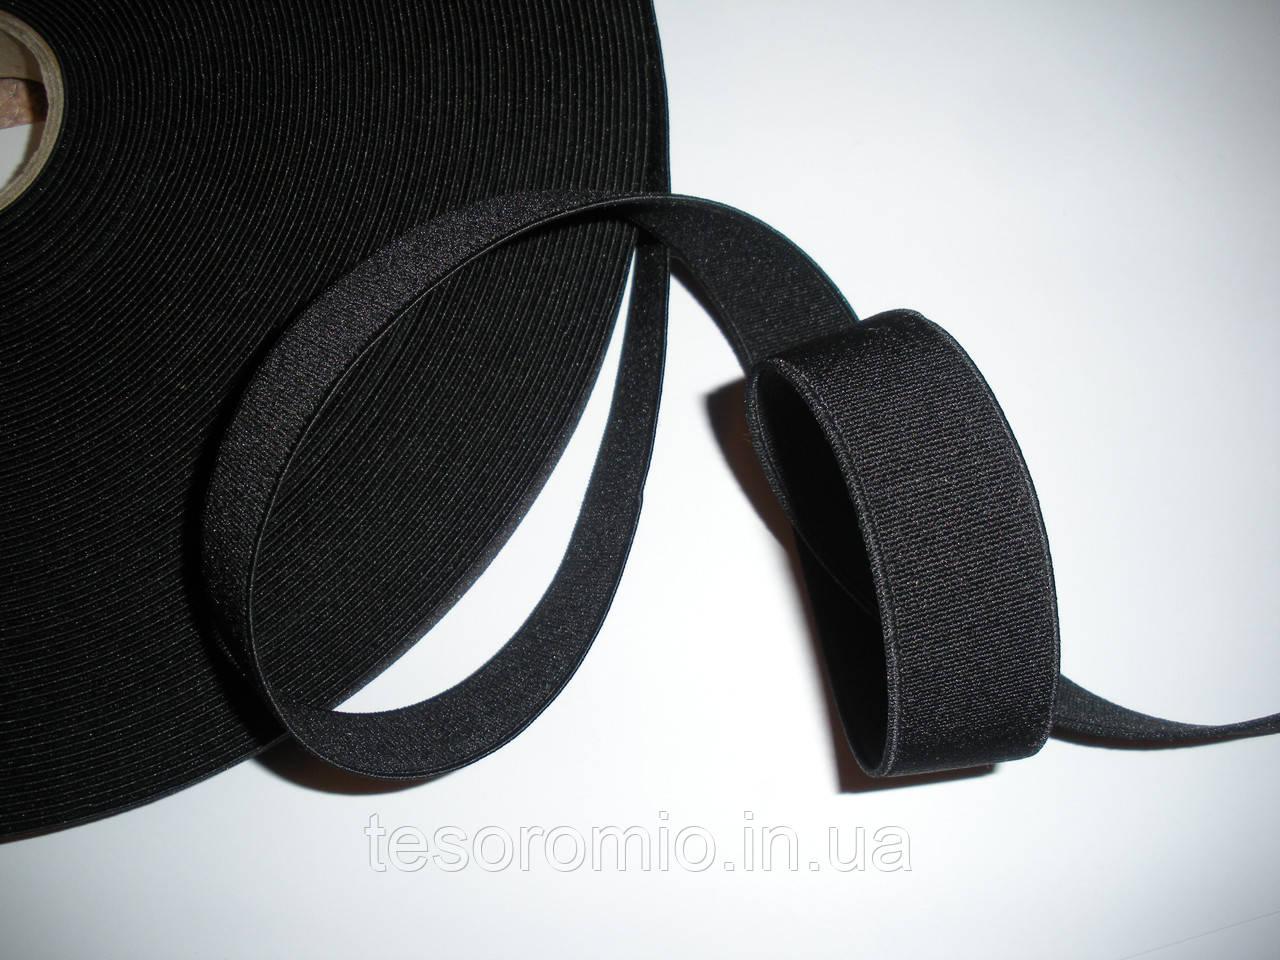 Резинка черная, плотная, тугая 2,5см